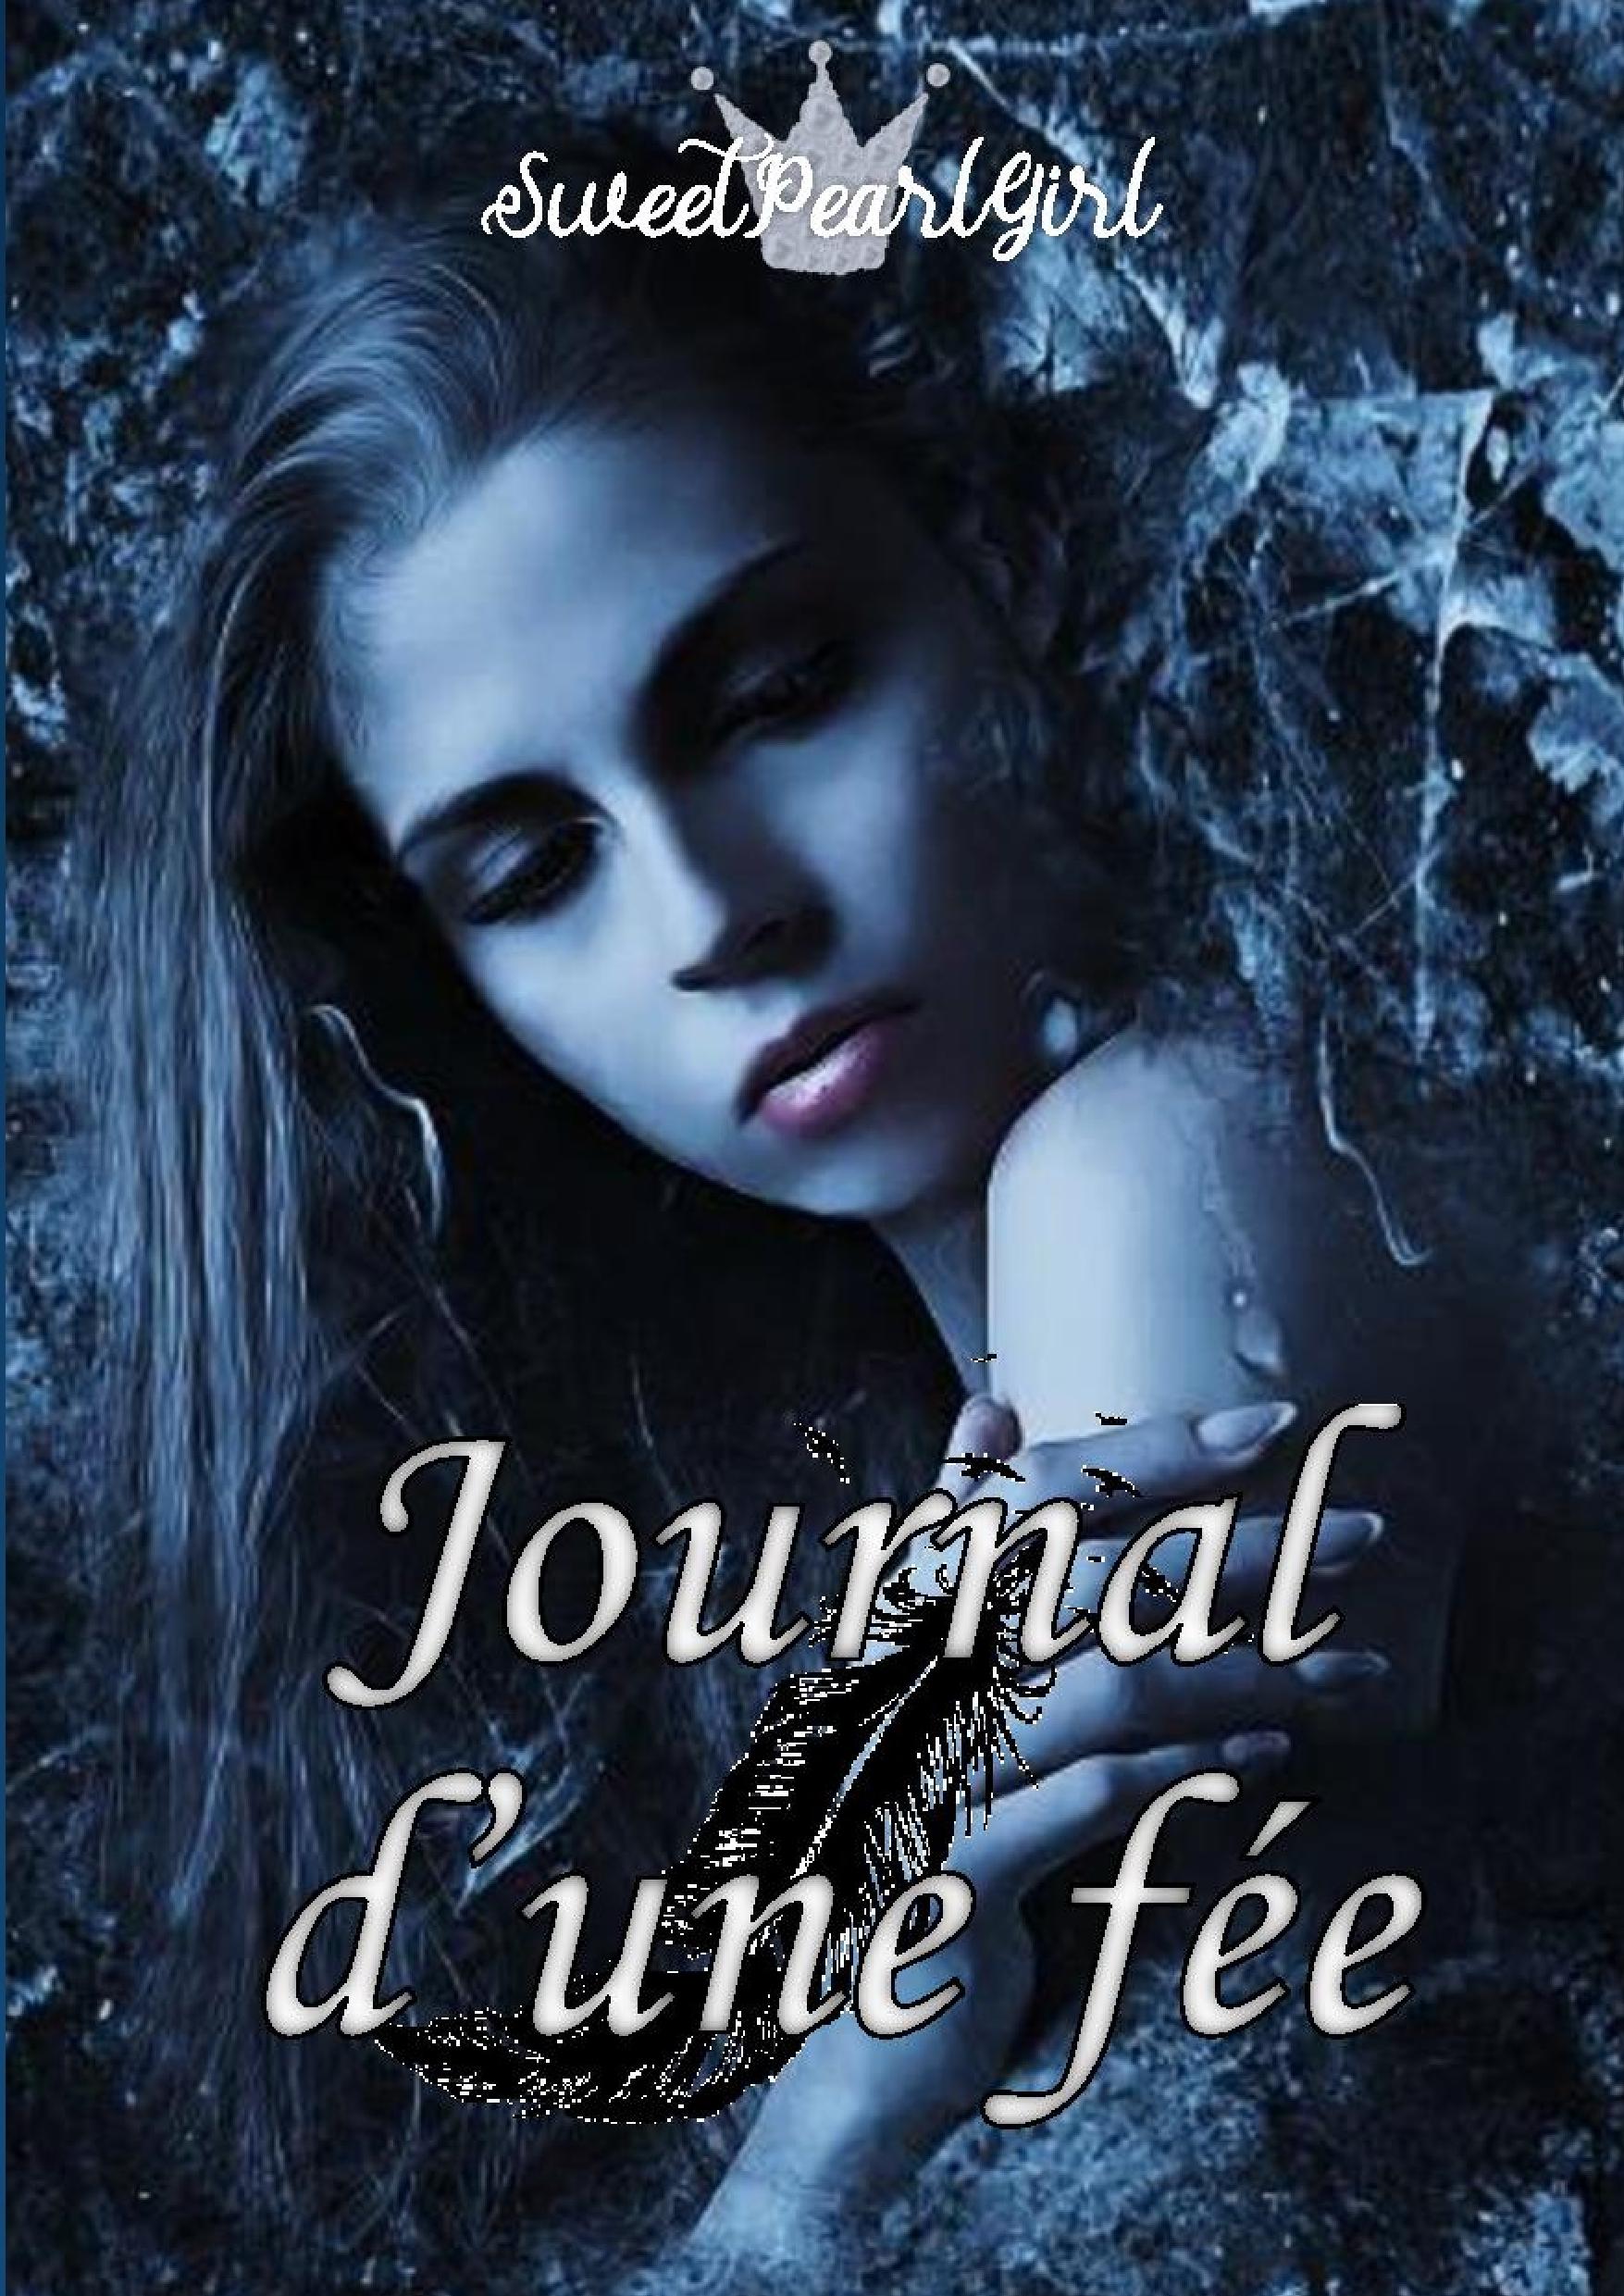 Journal d'une fée